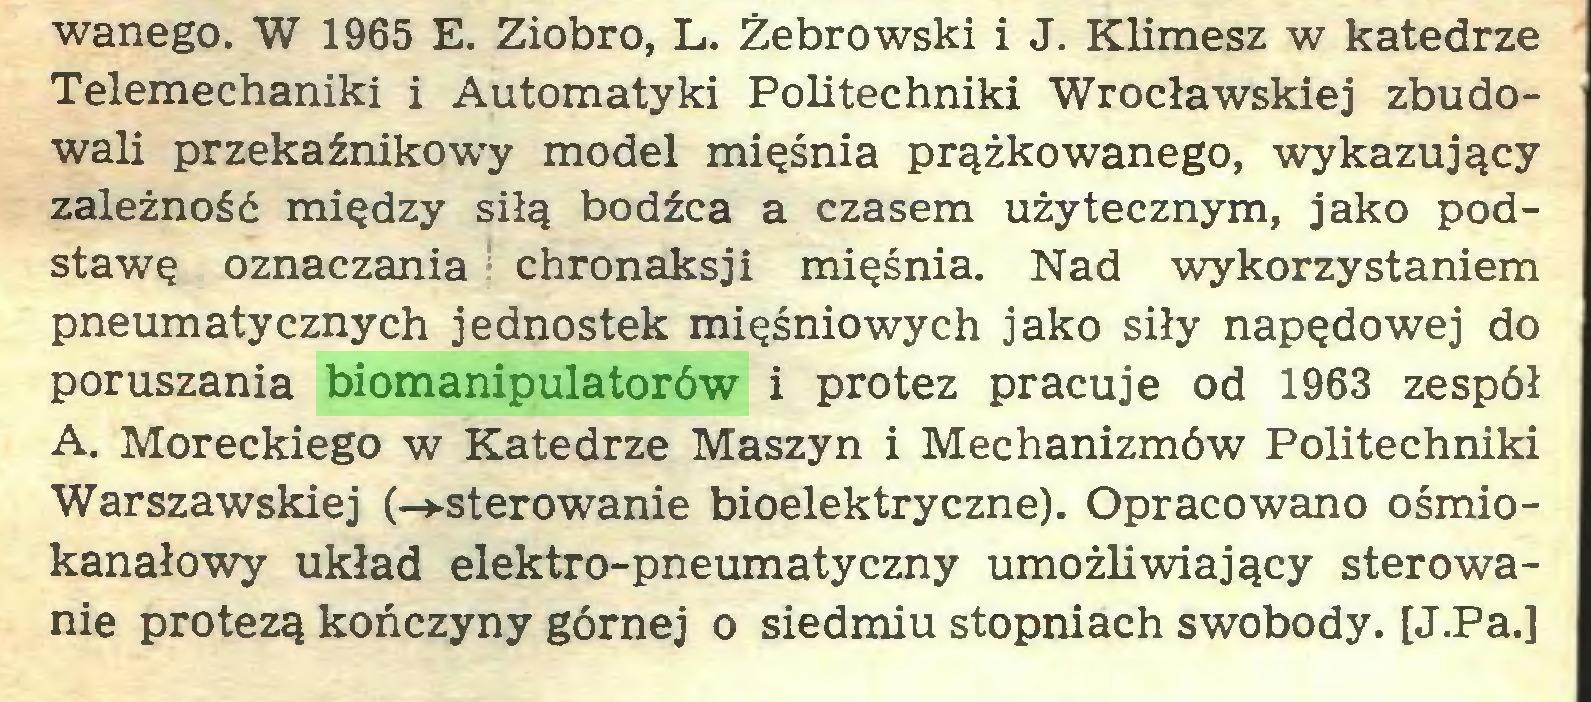 (...) wanego. W 1965 E. Ziobro, L. Żebrowski i J. Klimesz w katedrze Telemechaniki i Automatyki Politechniki Wrocławskiej zbudowali przekaźnikowy model mięśnia prążkowanego, wykazujący zależność między siłą bodźca a czasem użytecznym, jako podstawę oznaczania chronaksji mięśnia. Nad wykorzystaniem pneumatycznych jednostek mięśniowych jako siły napędowej do poruszania biomanipulatorów i protez pracuje od 1963 zespół A. Moreckiego w Katedrze Maszyn i Mechanizmów Politechniki Warszawskiej (-»-sterowanie bioelektryczne). Opracowano ośmiokanałowy układ elektro-pneumatyczny umożliwiający sterowanie protezą kończyny górnej o siedmiu stopniach swobody. [J.Pa.]...